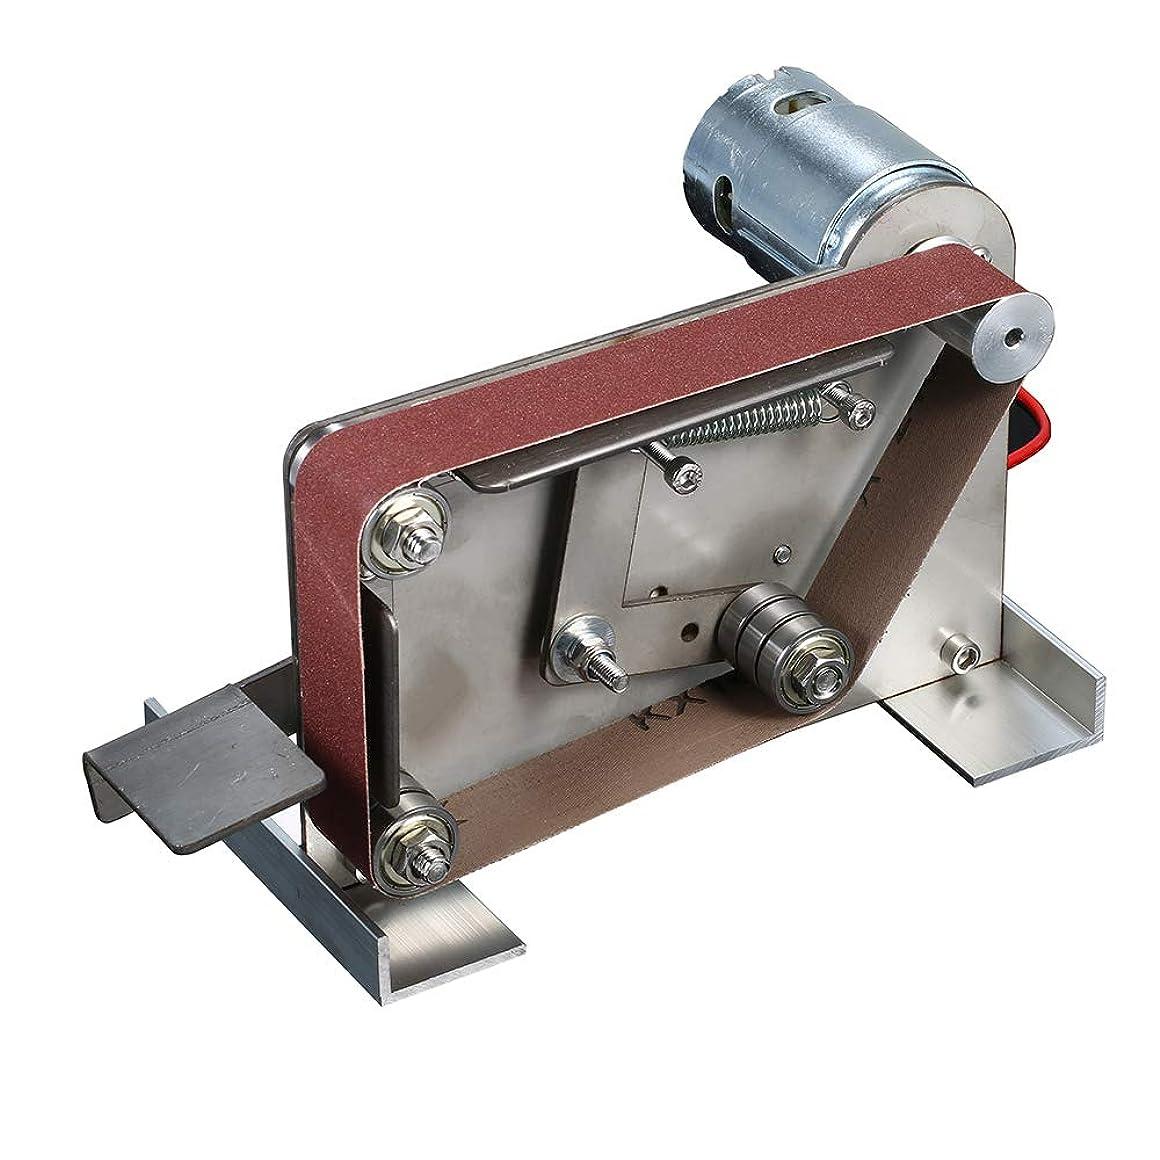 傷つけるオリエンタルアグネスグレイKKmoon ベルトサンダー AC110-240V グラインダー ミニ電動ベルトサンダー DIY研磨 研削盤カッター エッジシャープナー